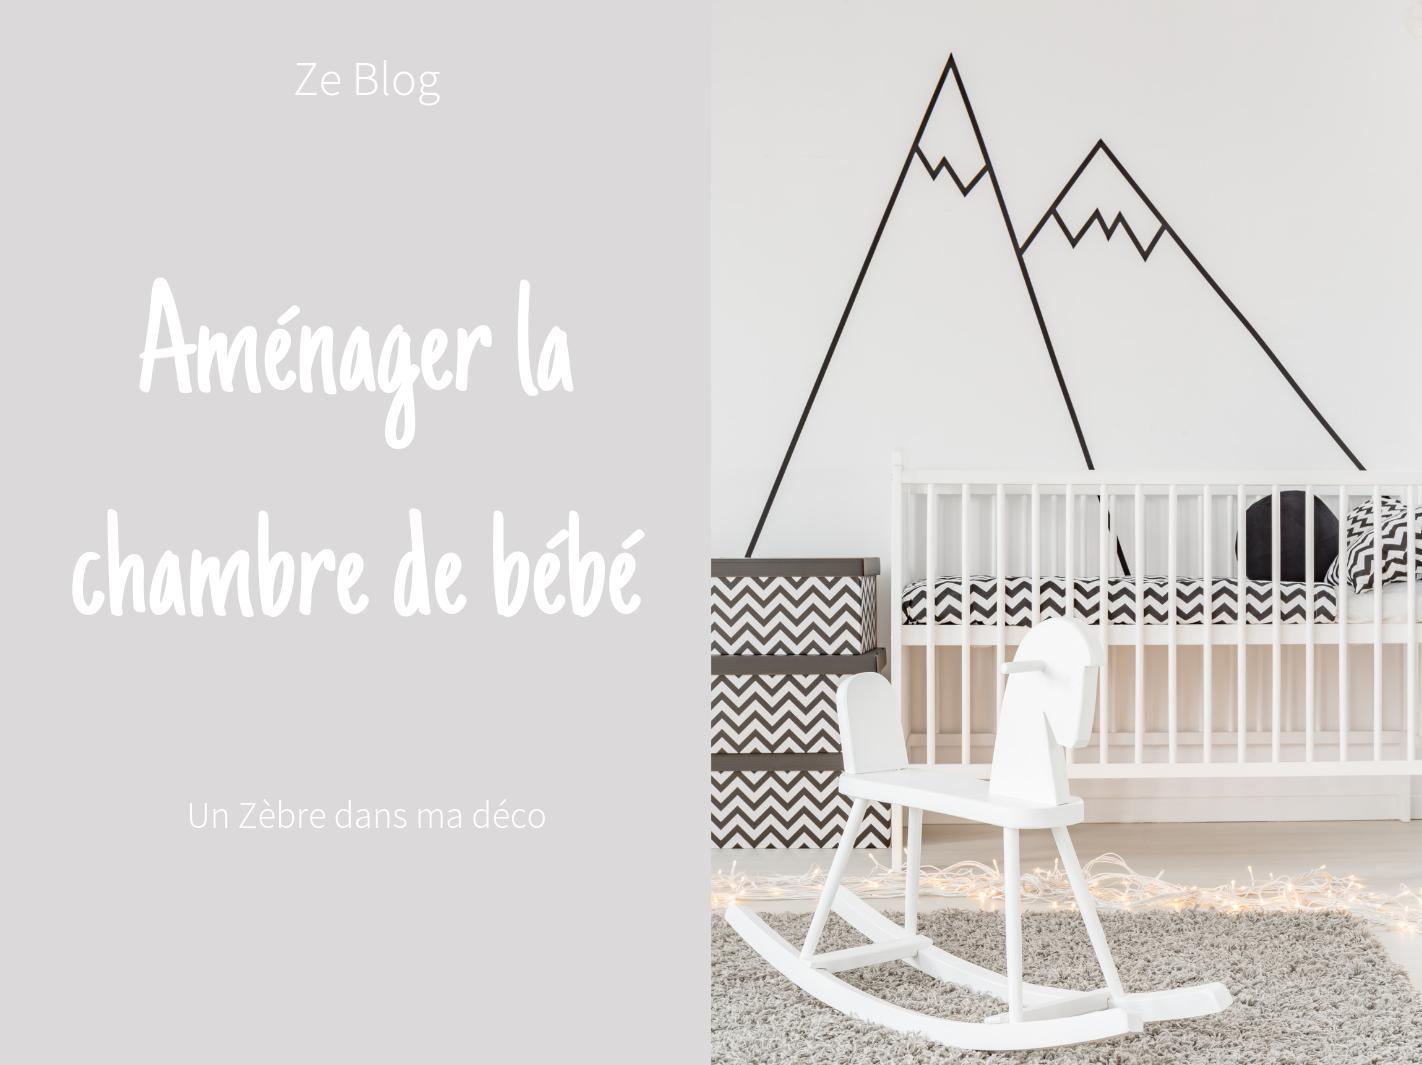 Comment aménager la chambre de bébé